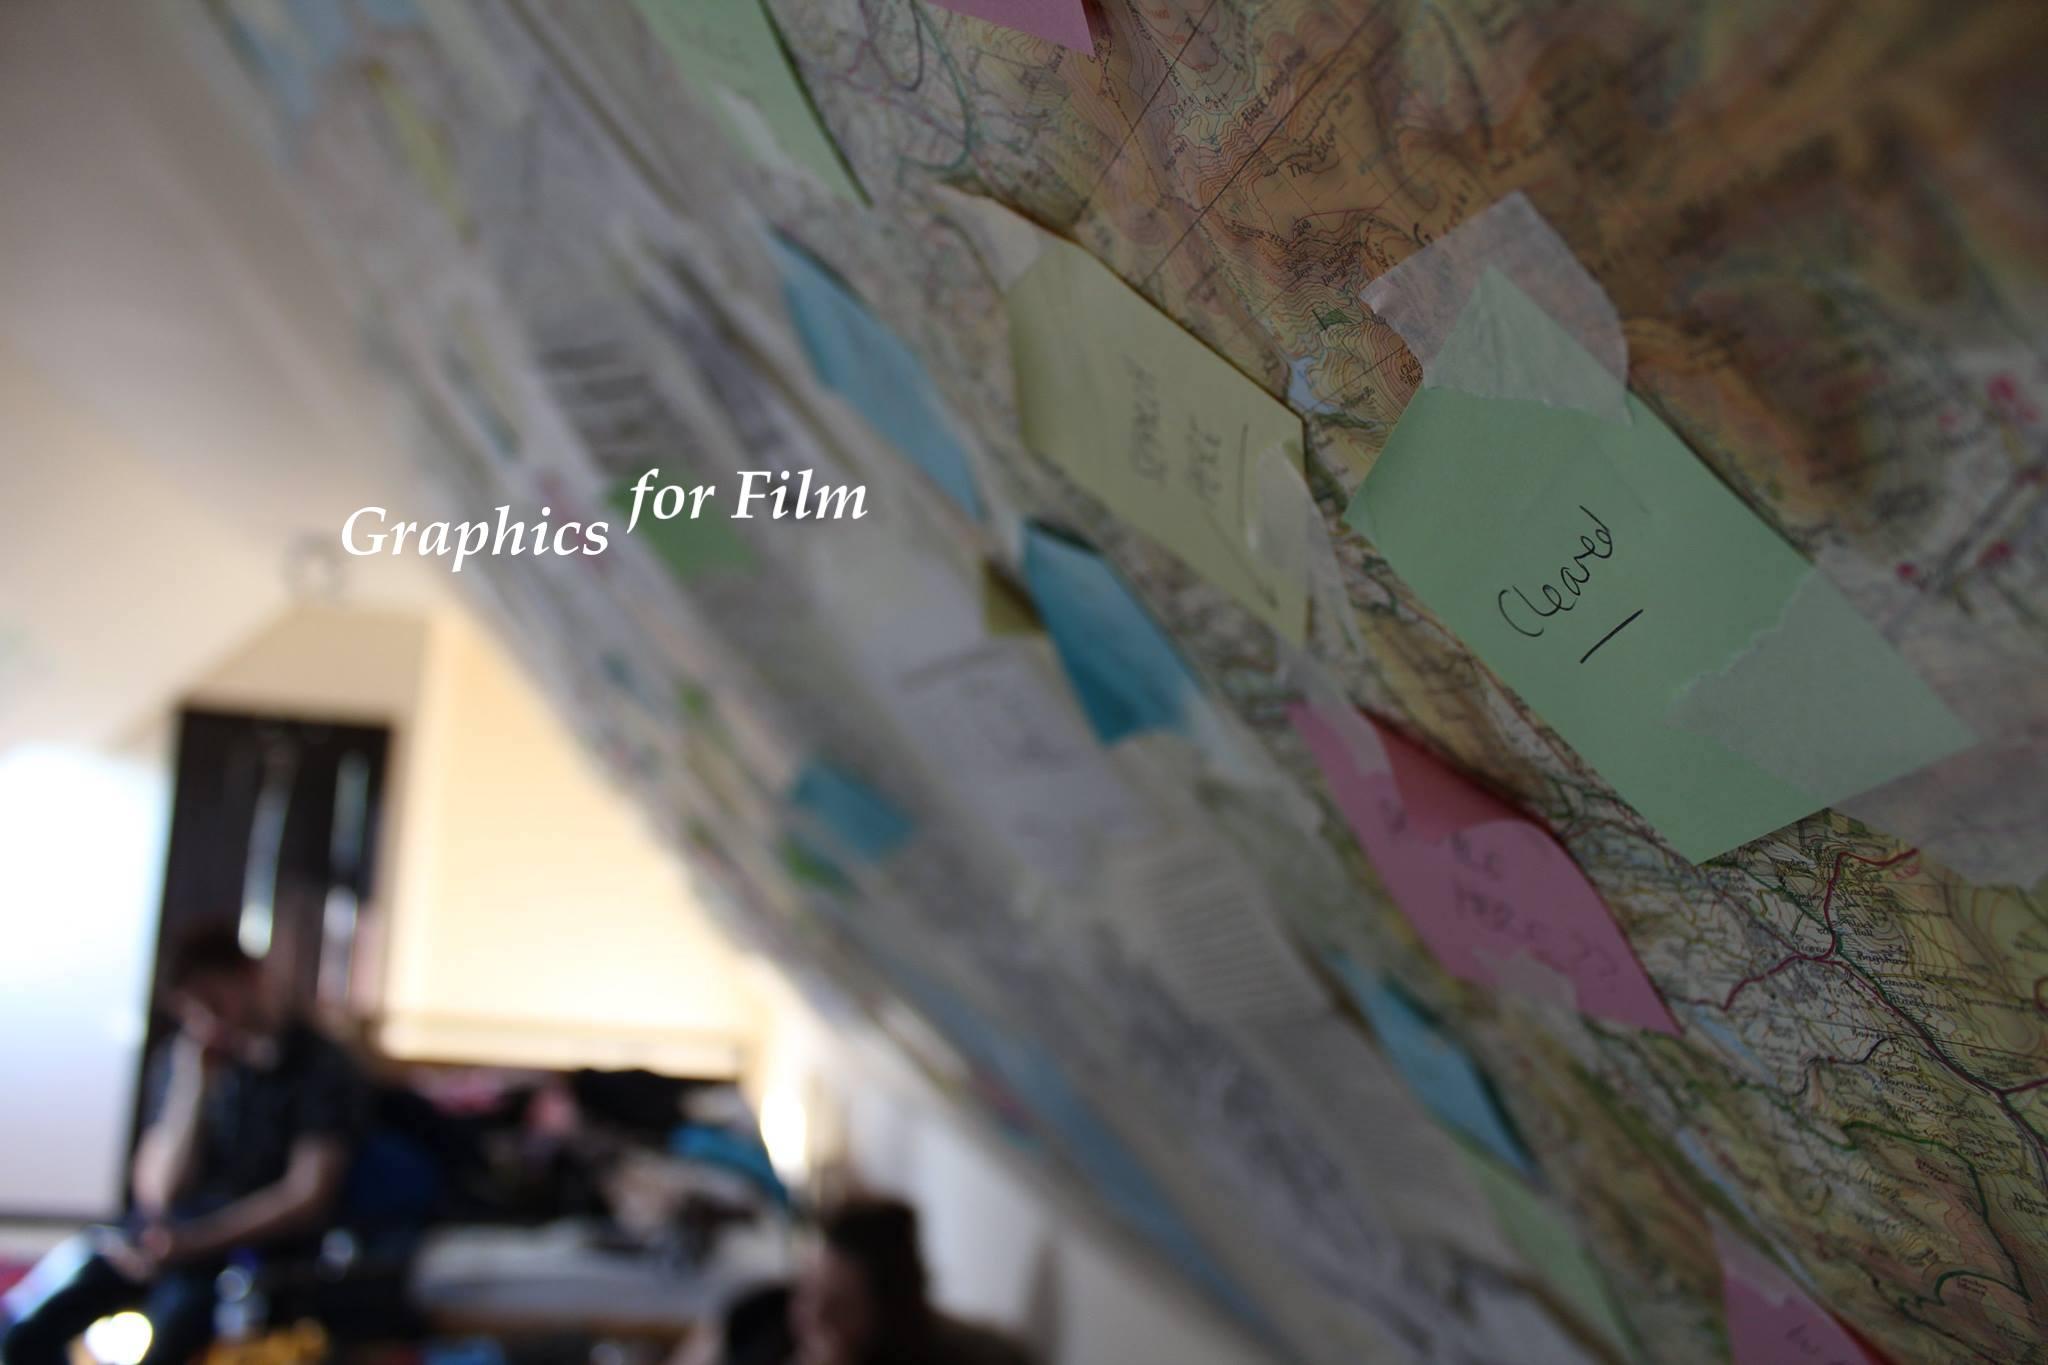 Graphics for Film.jpg